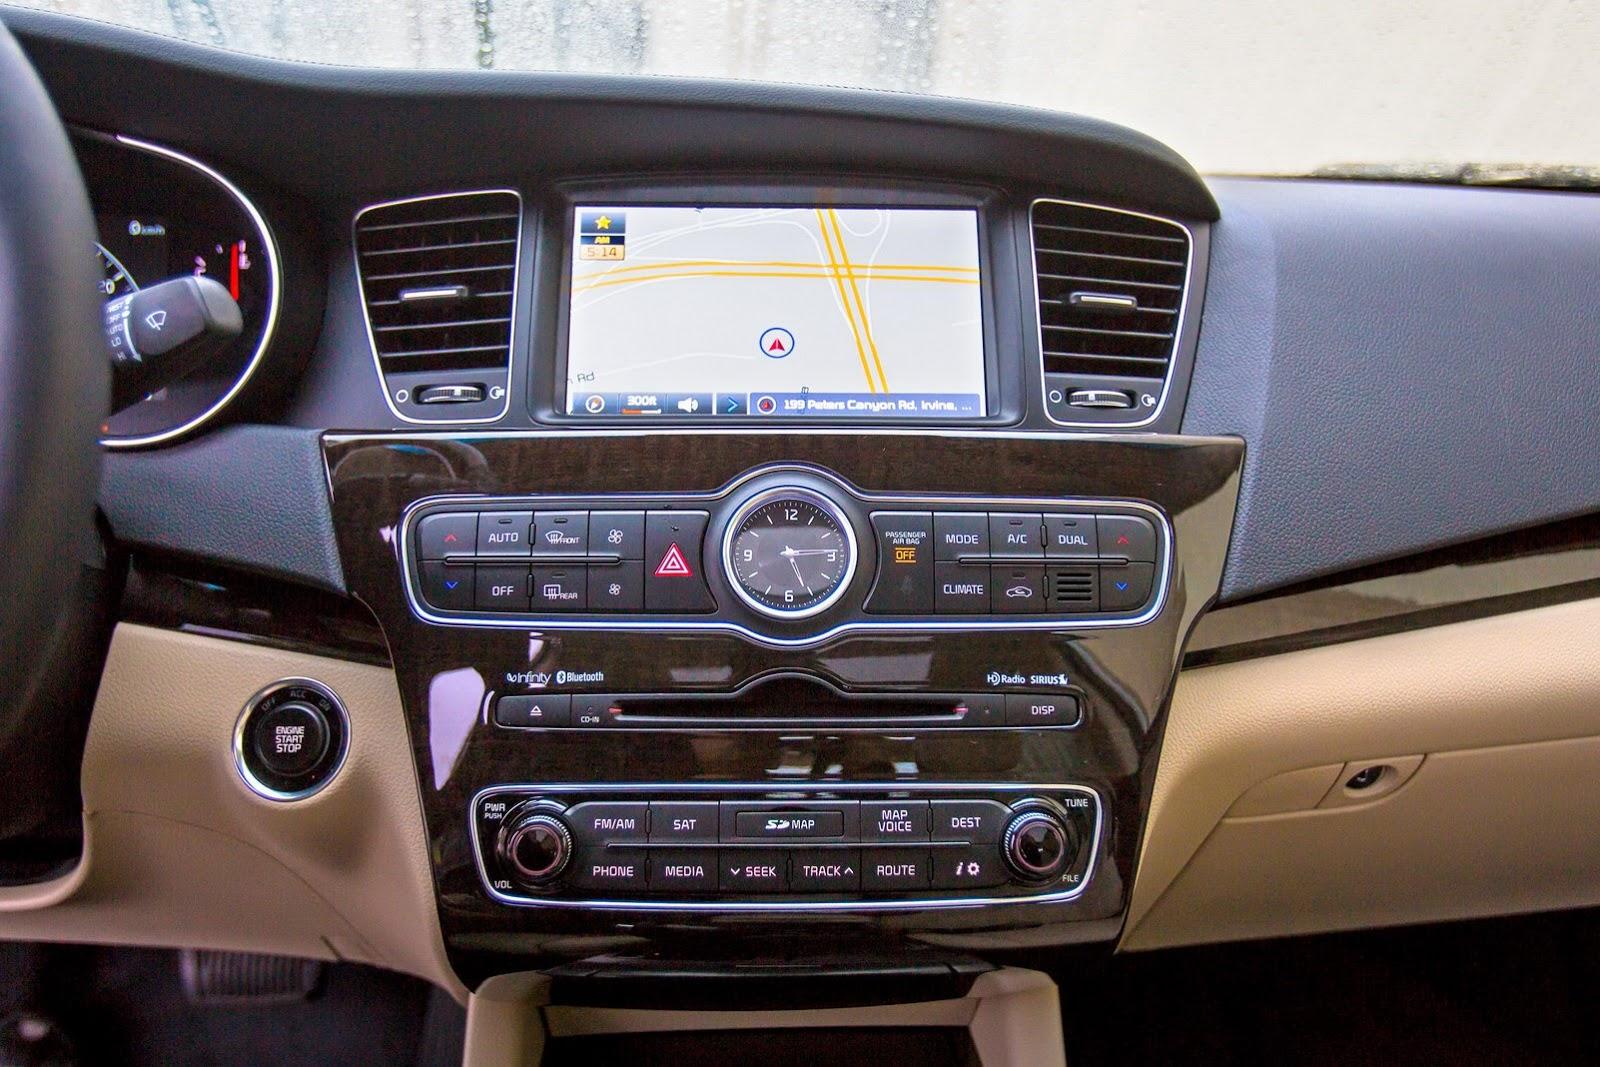 Discussione: [USA] Kia Cadenza Facelift (Foto Ufficiali)